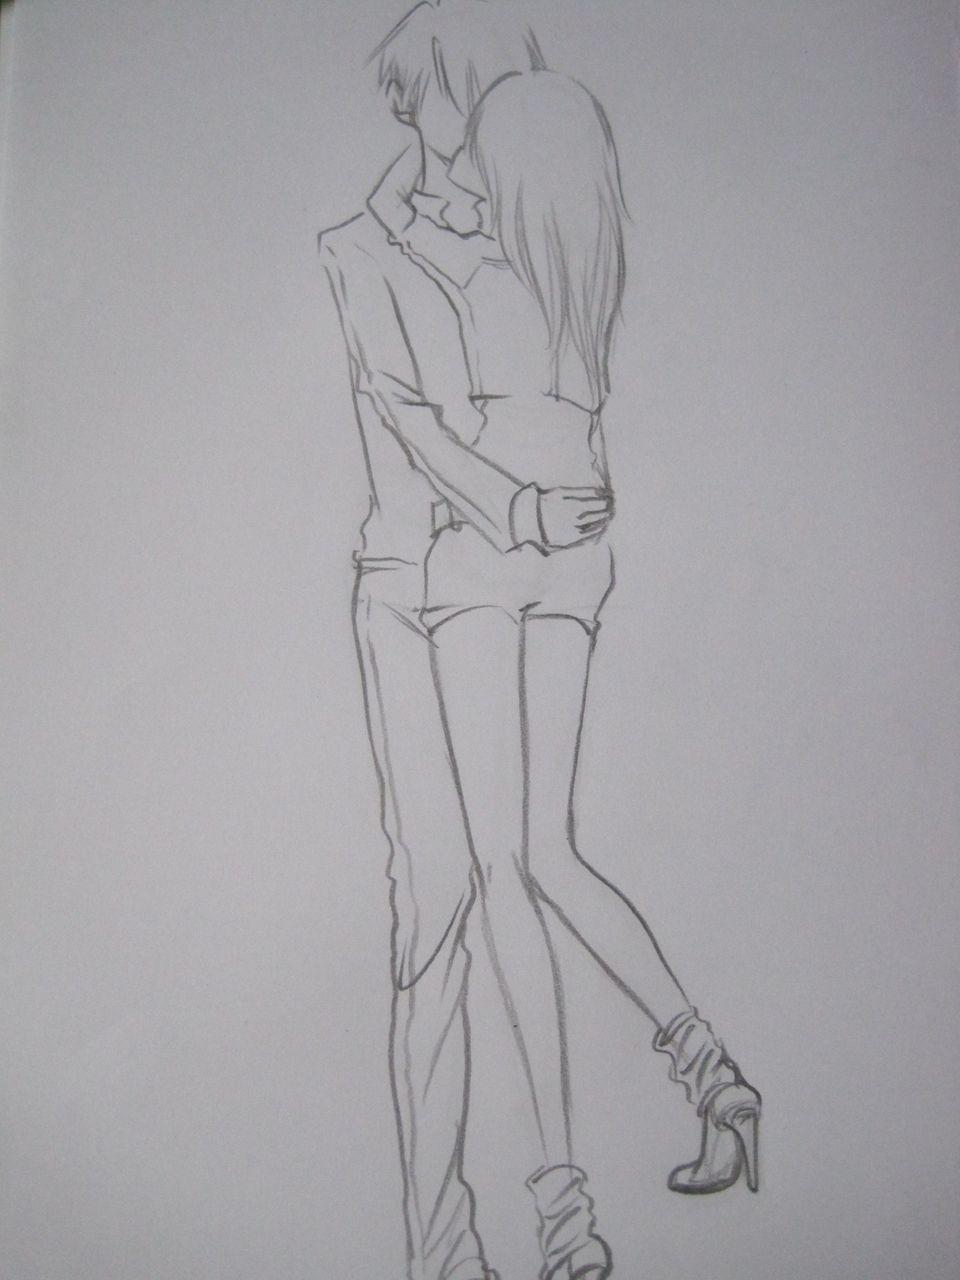 求手绘大神给长漫画男女拥抱的图片